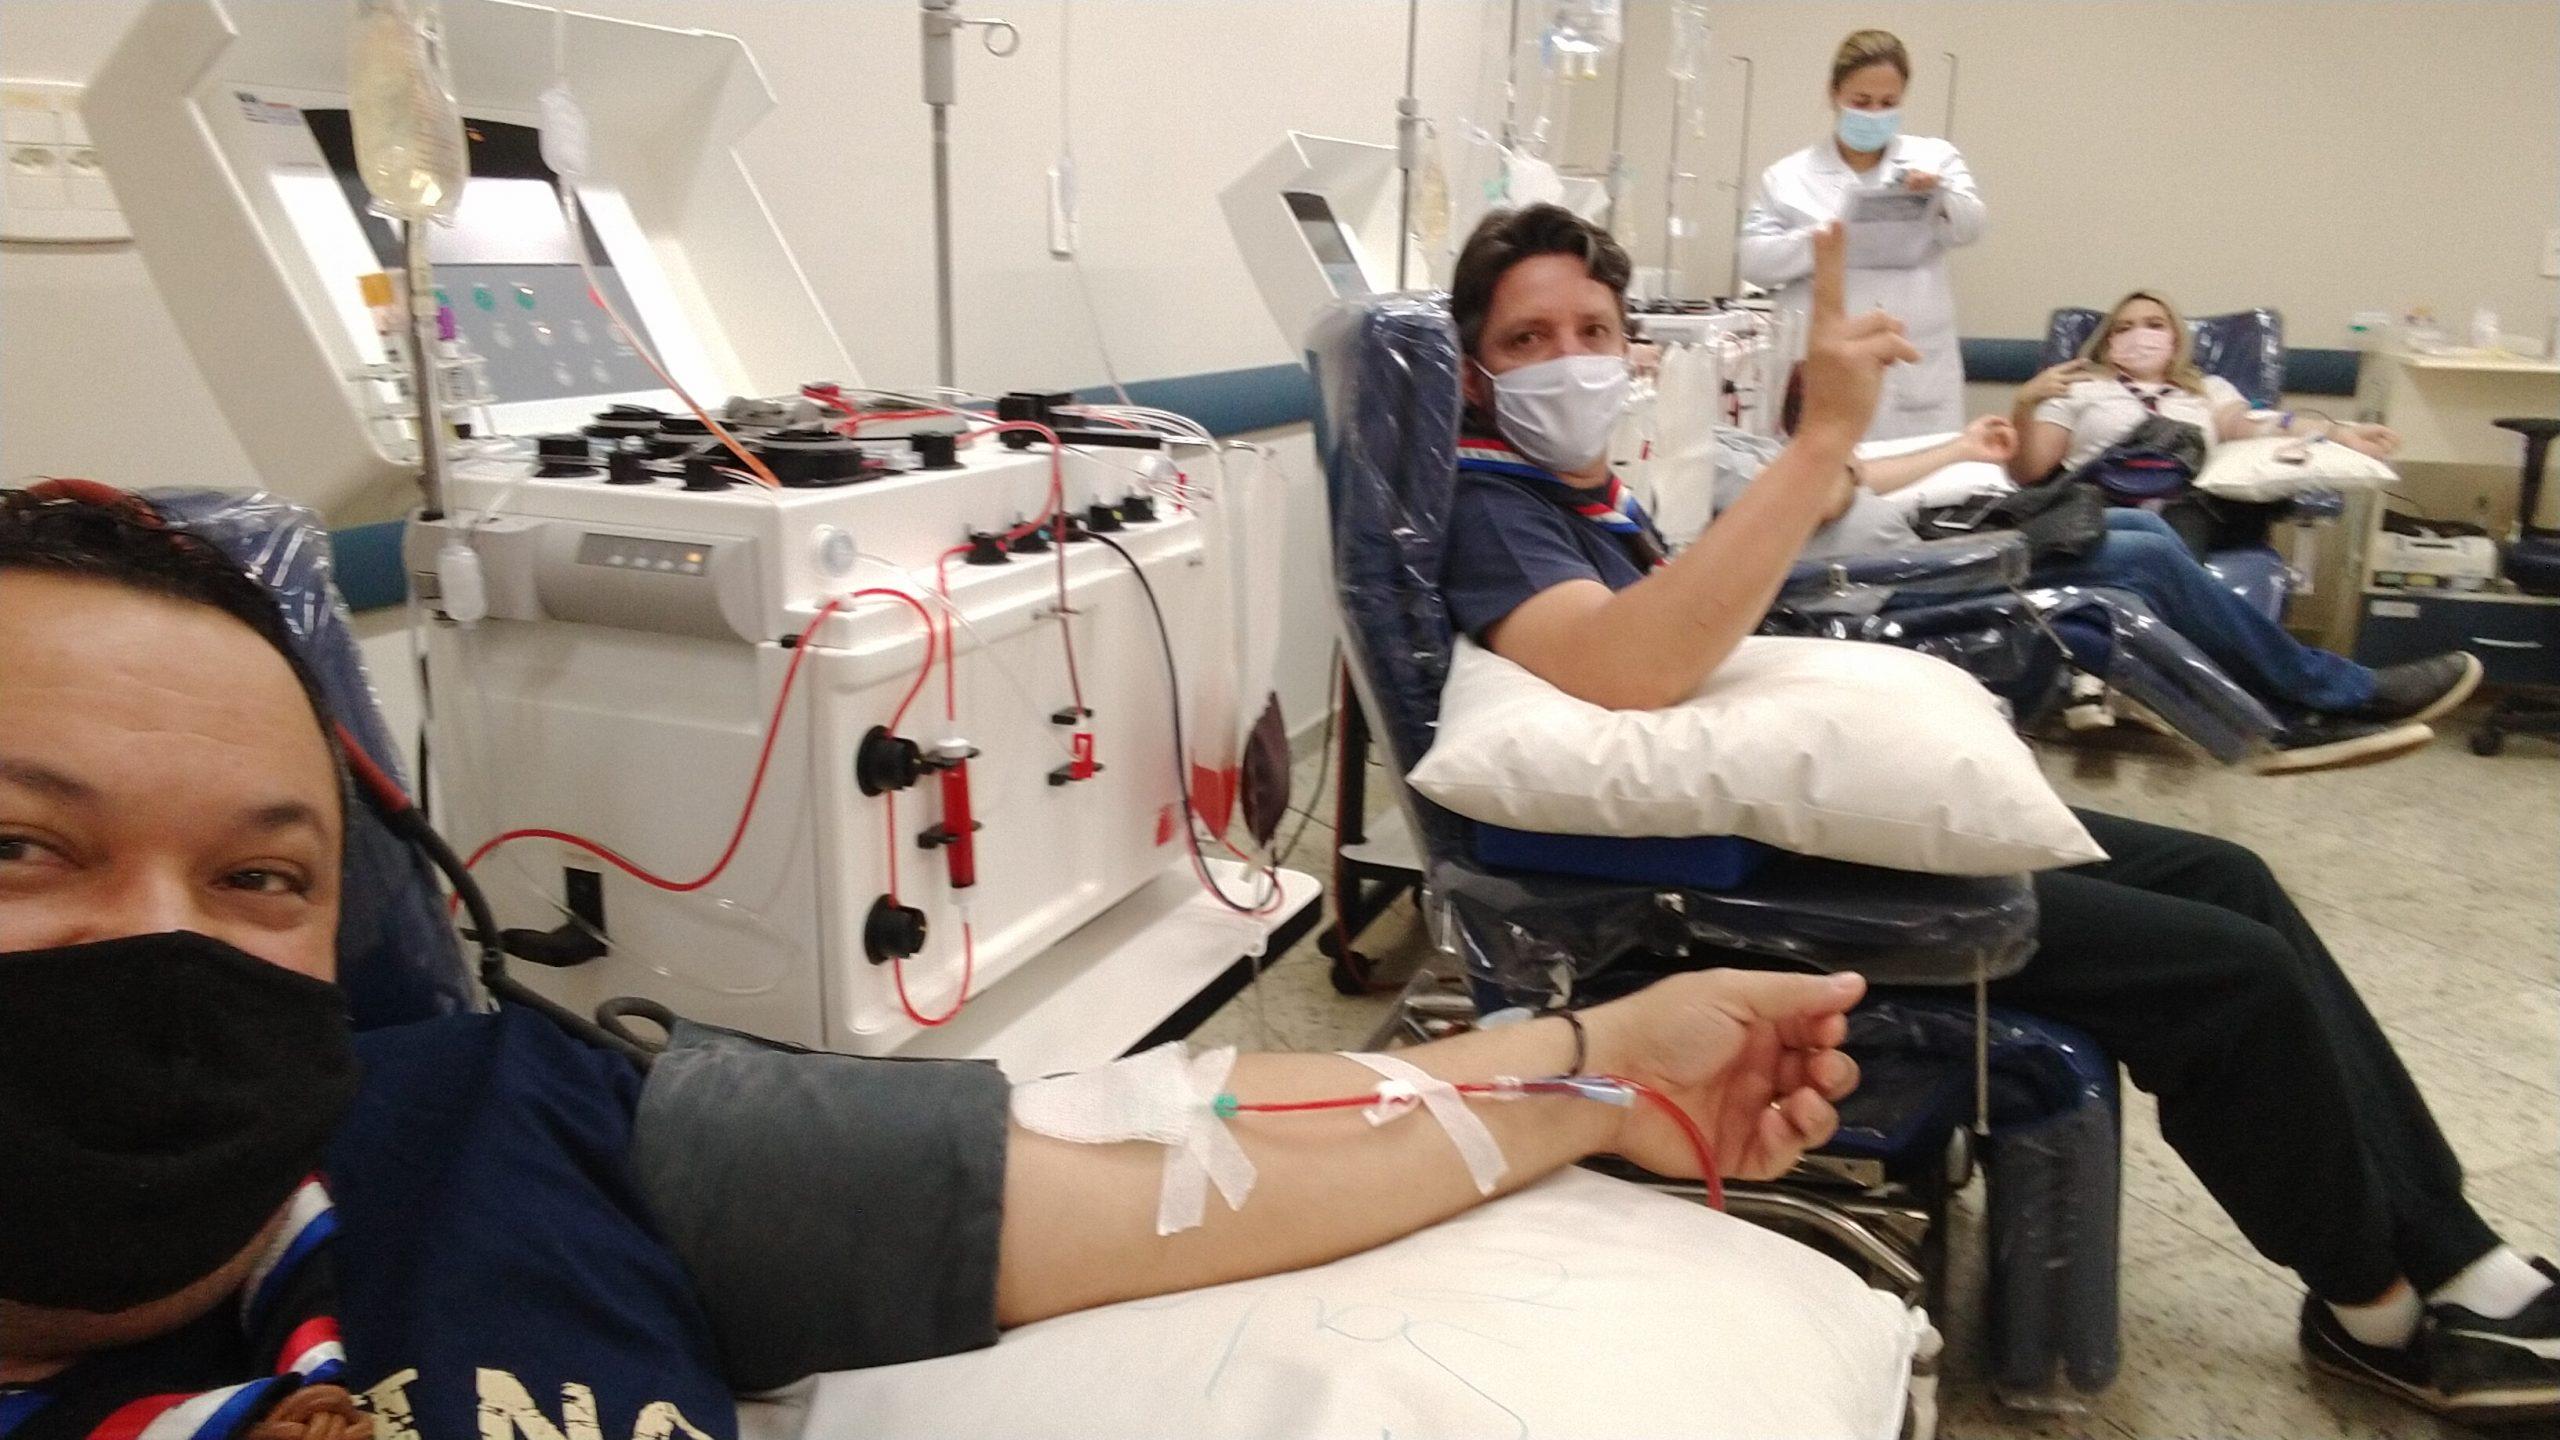 Escoteiros fazem campanha de doação de sangue em Barretos